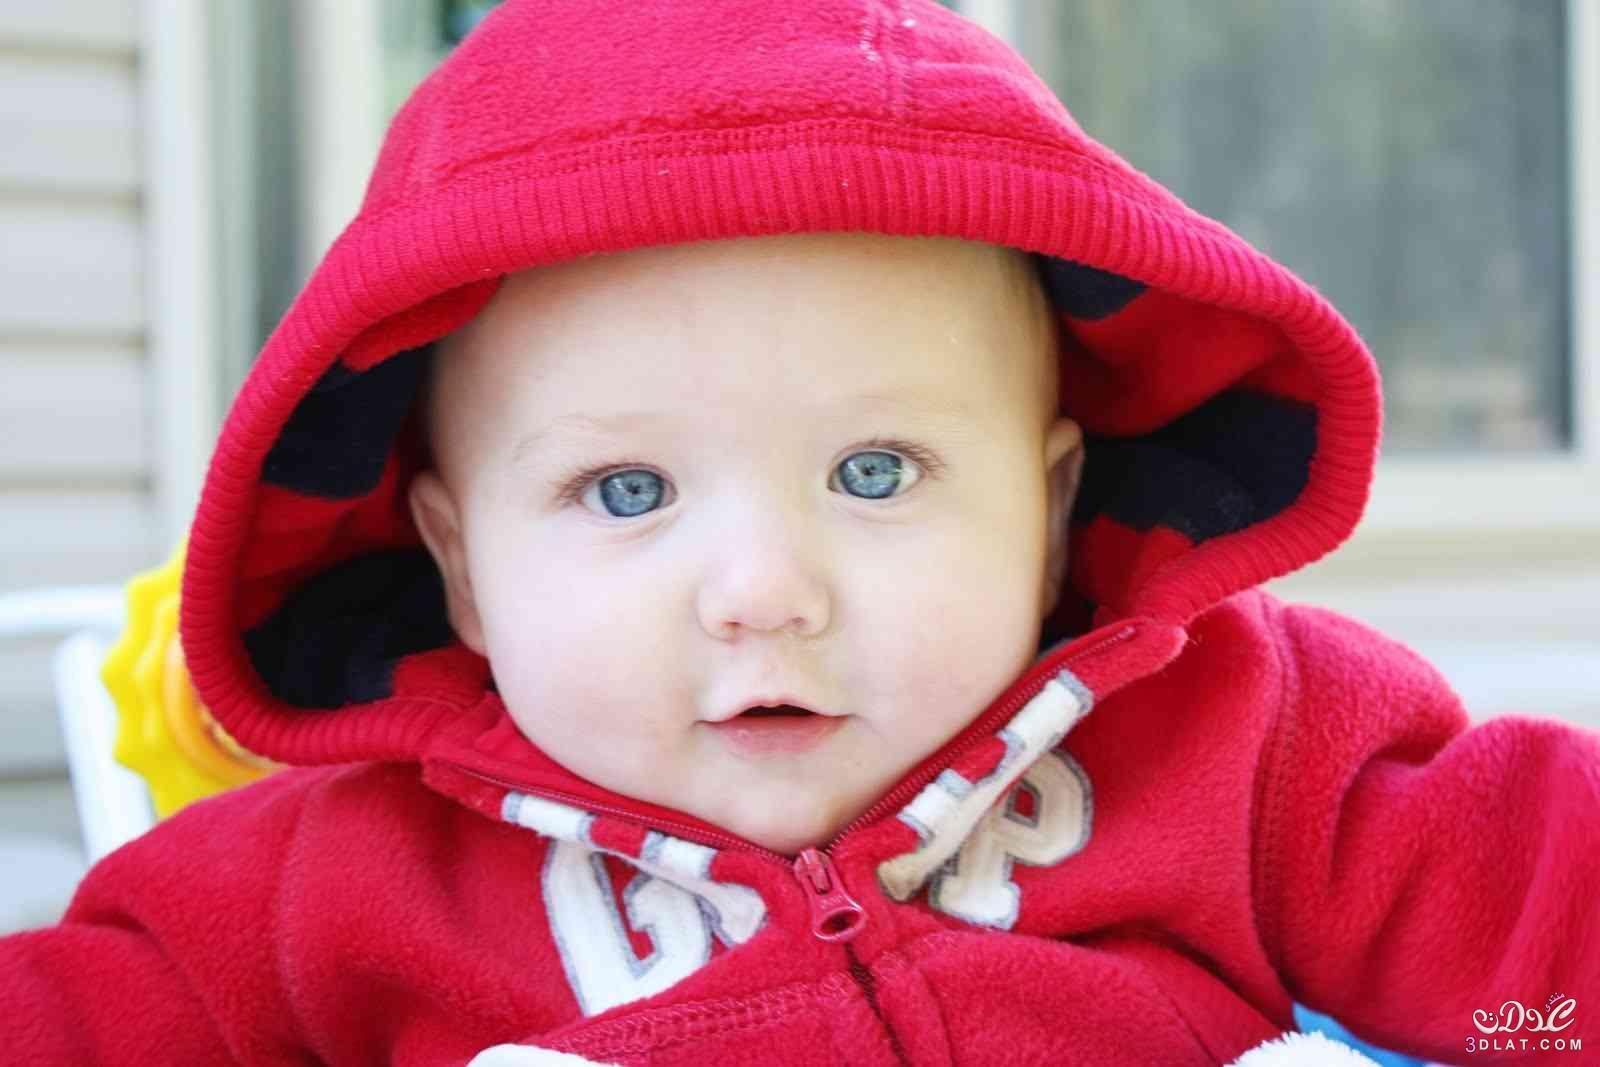 بالصور صور اجمل الاطفال , اروع صور اطفال جامدة 6580